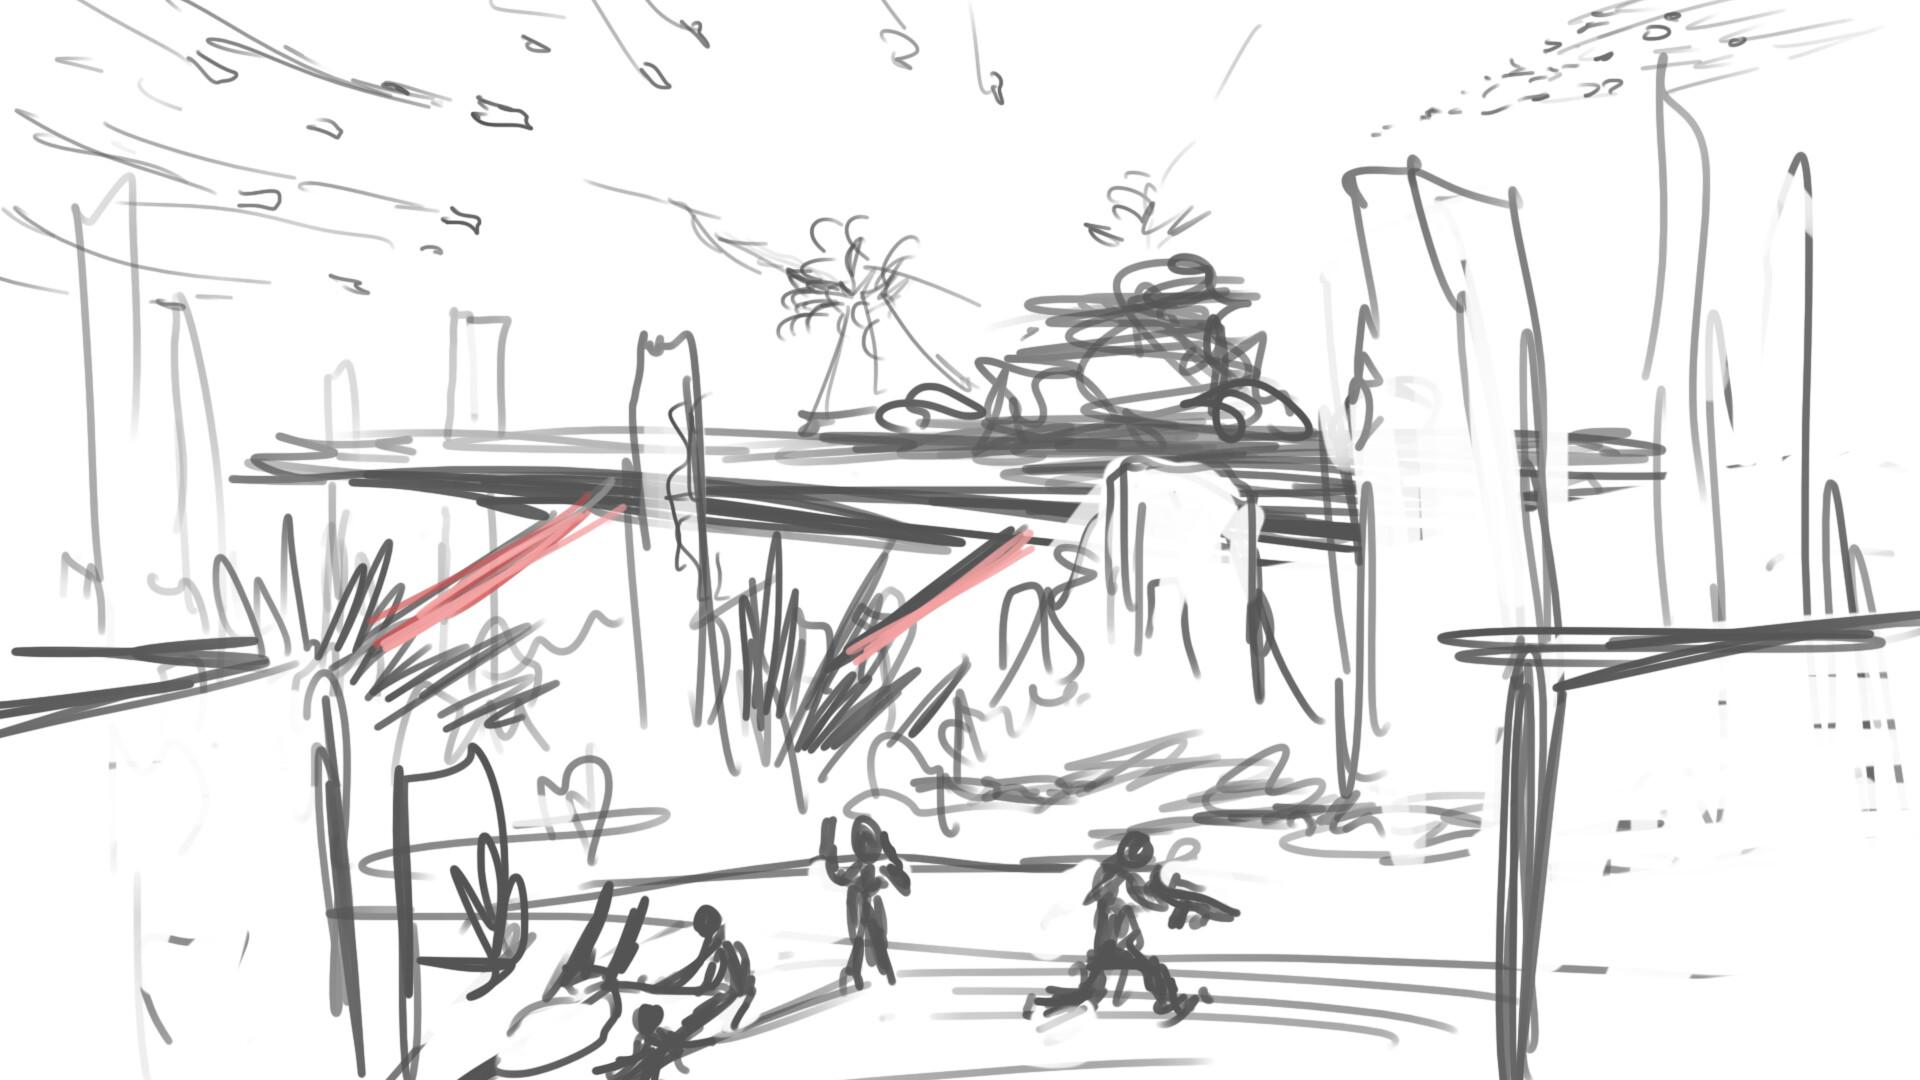 Alexander laheij drawing11 14